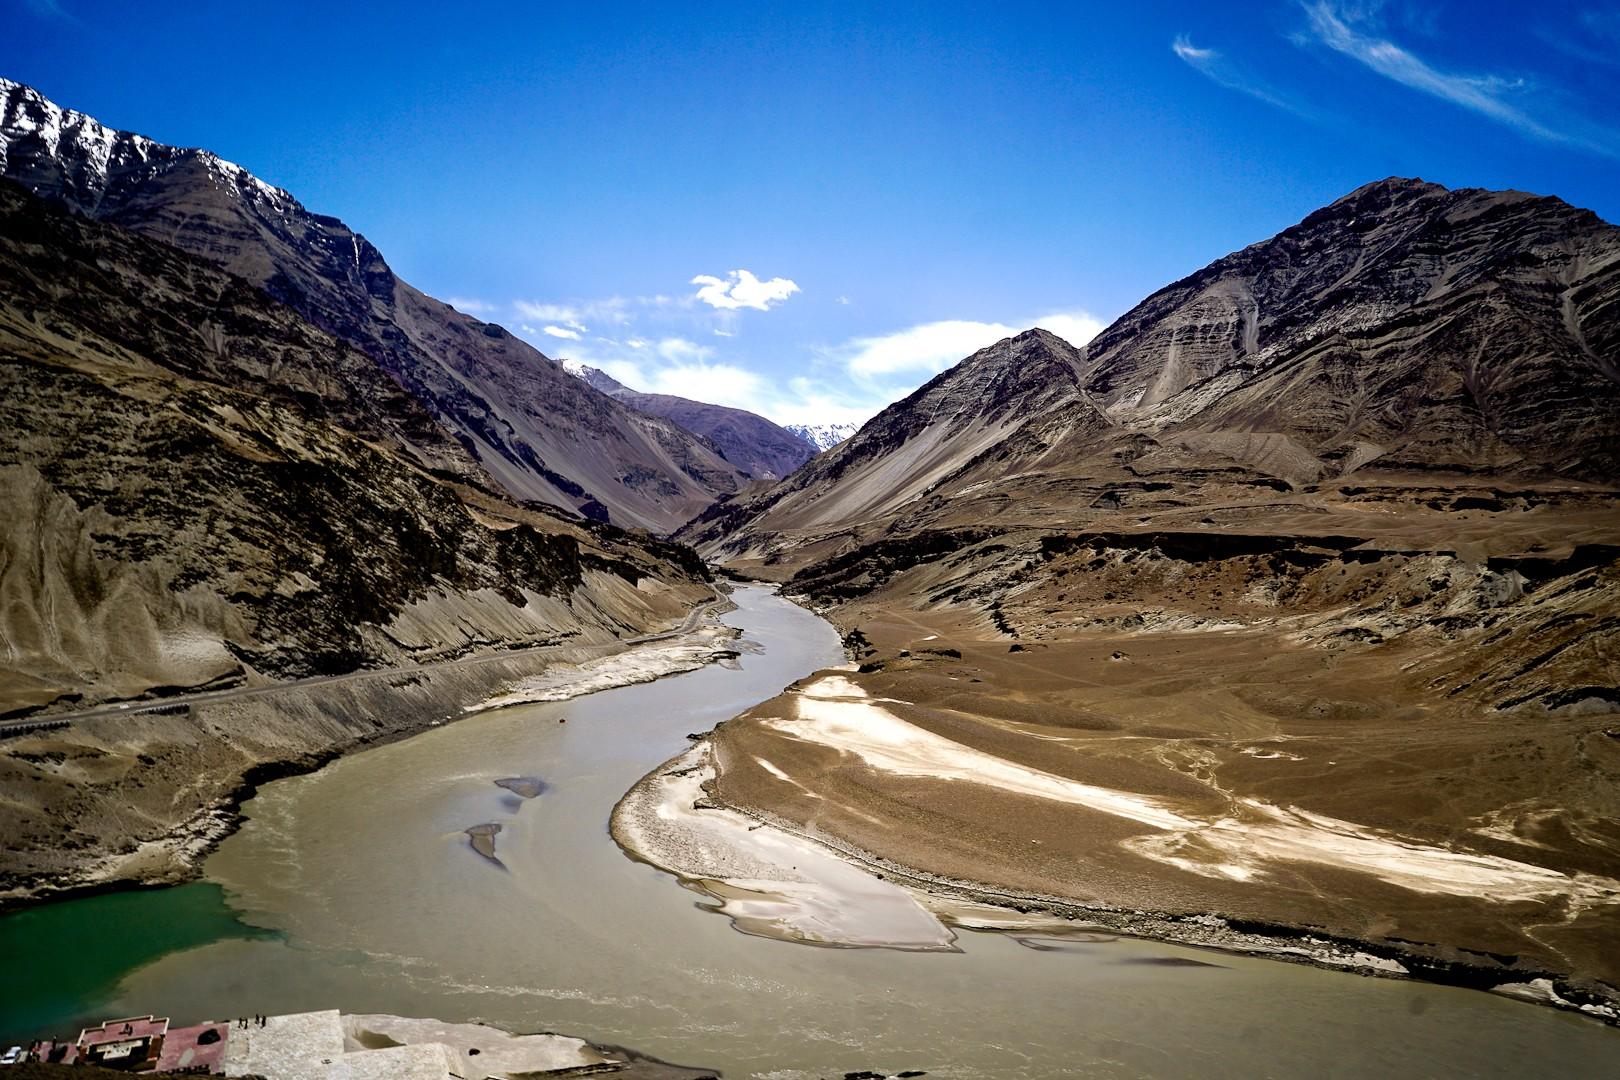 Sangam. Zanskar łączy się z Indusem.